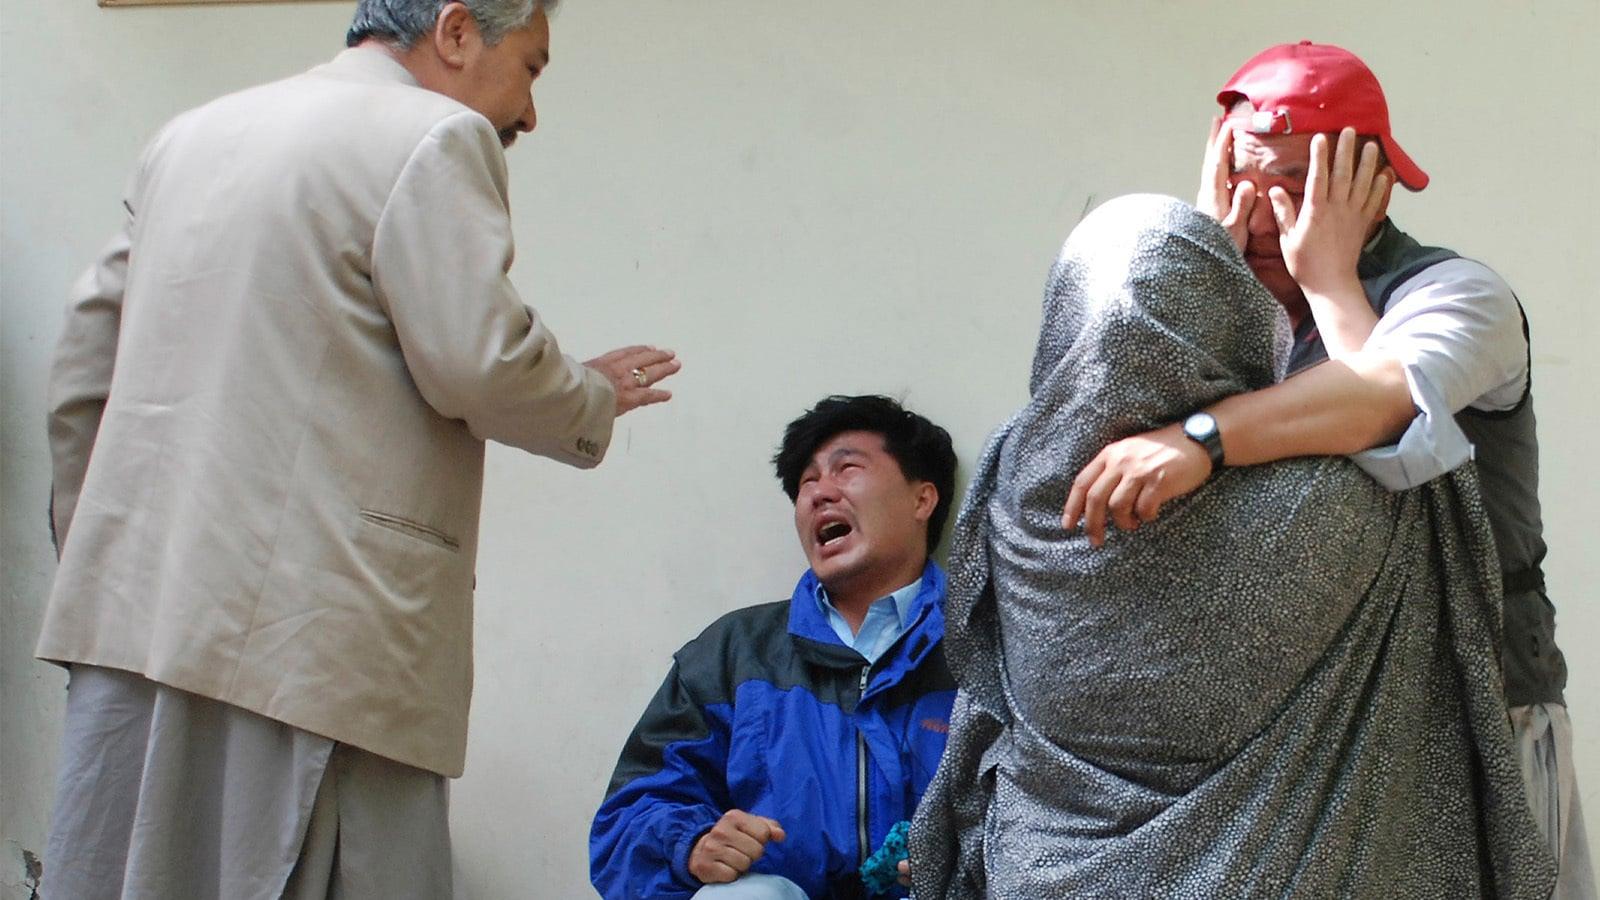 جان بحق افراد کے اہلِ خانہ شدت غم سے نڈھال ایک دوسرے کو تسلی دیتے ہوئے—تصویر:اے پی